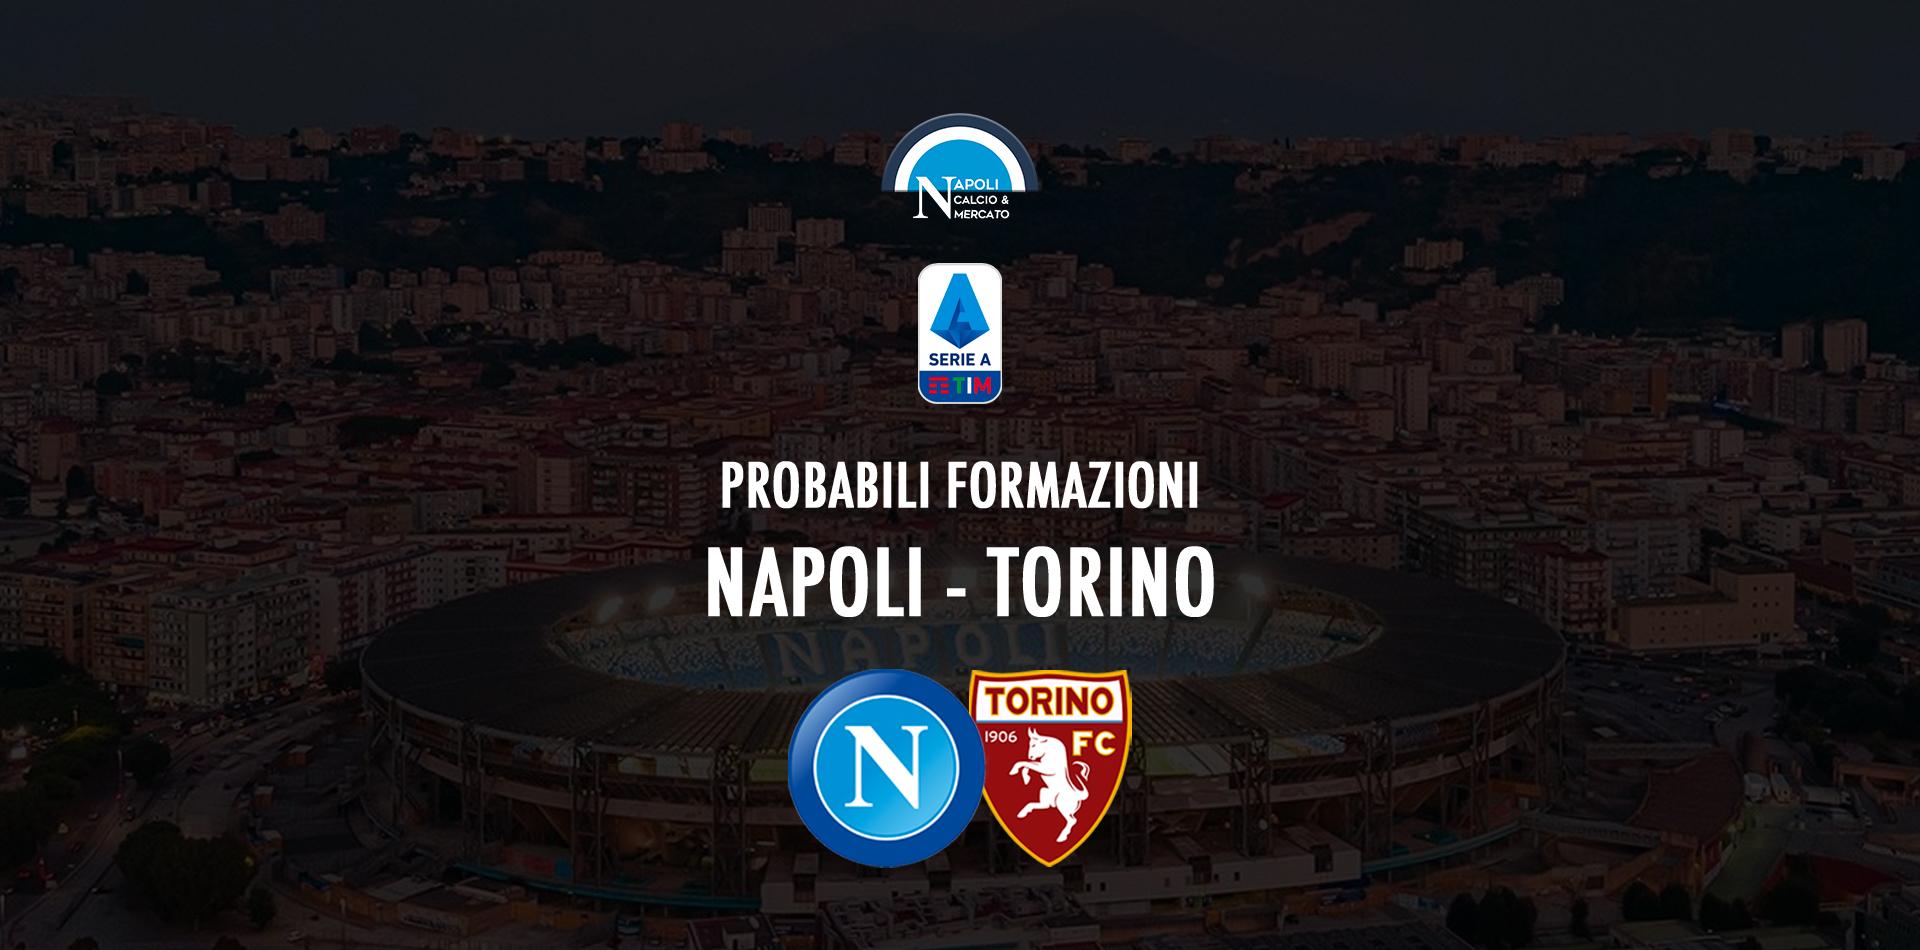 probabili formazioni napoli torino serie a 17 ottobre calcio sscnapoli calcionapoli24 probabile formazione calcionapoli